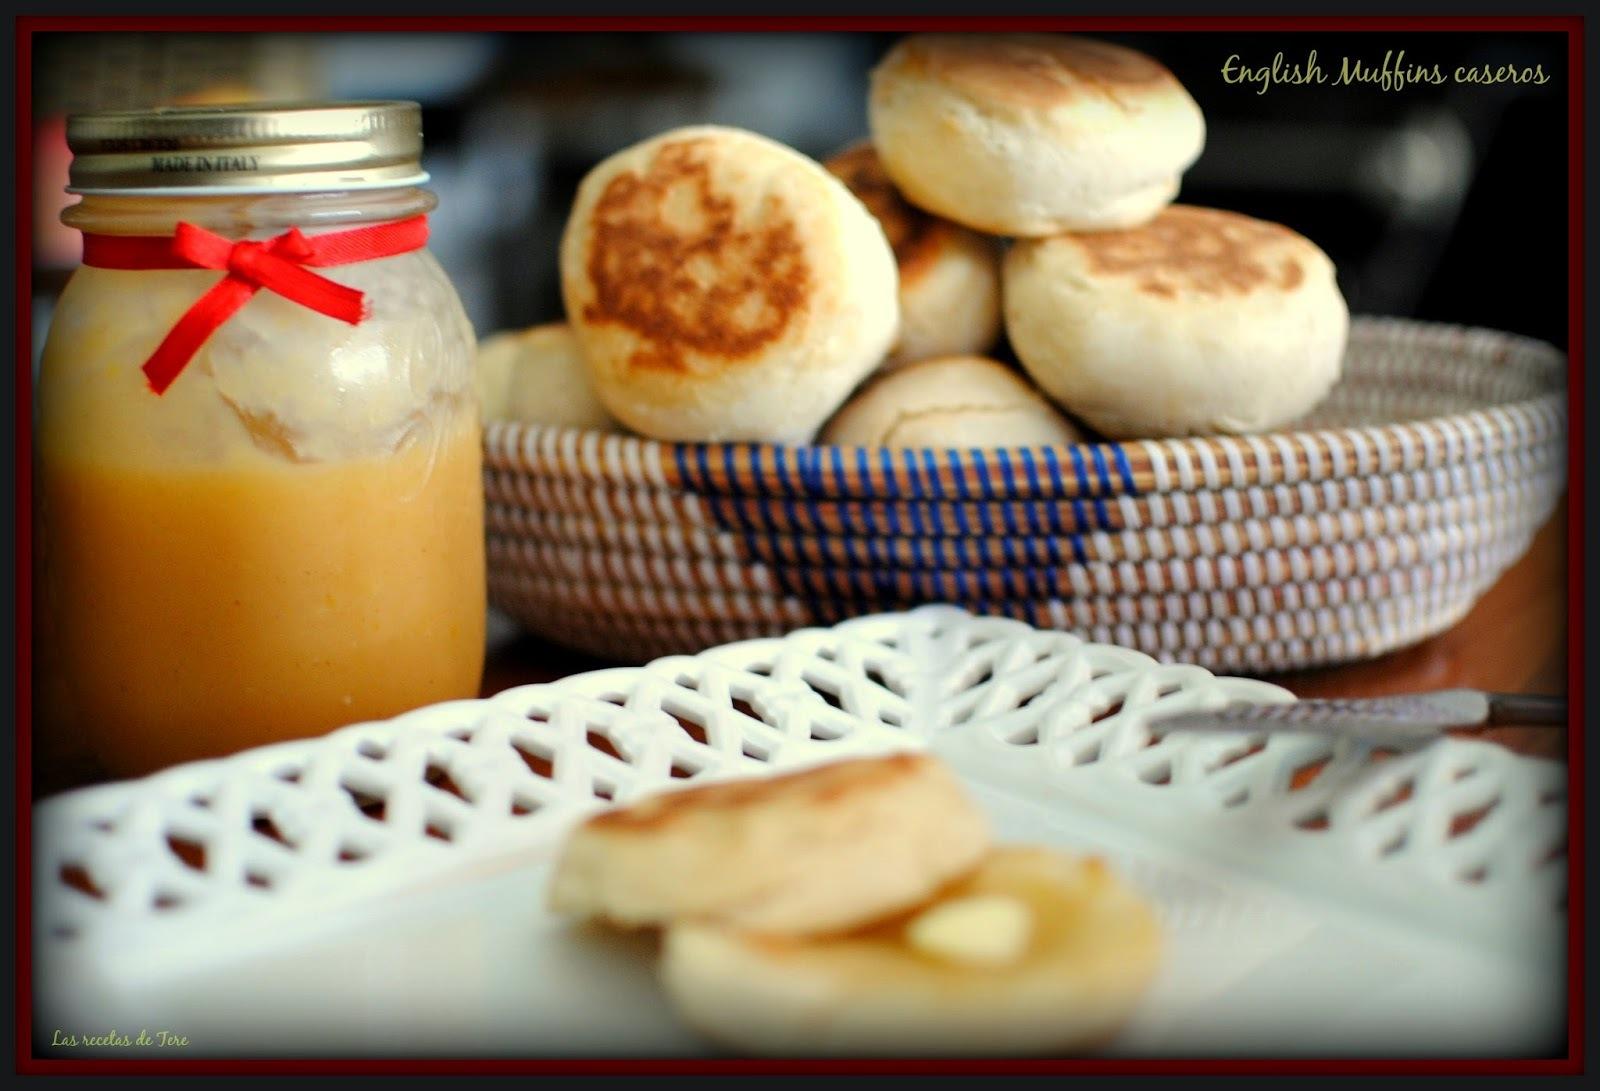 Deliciosos English muffins caseros.